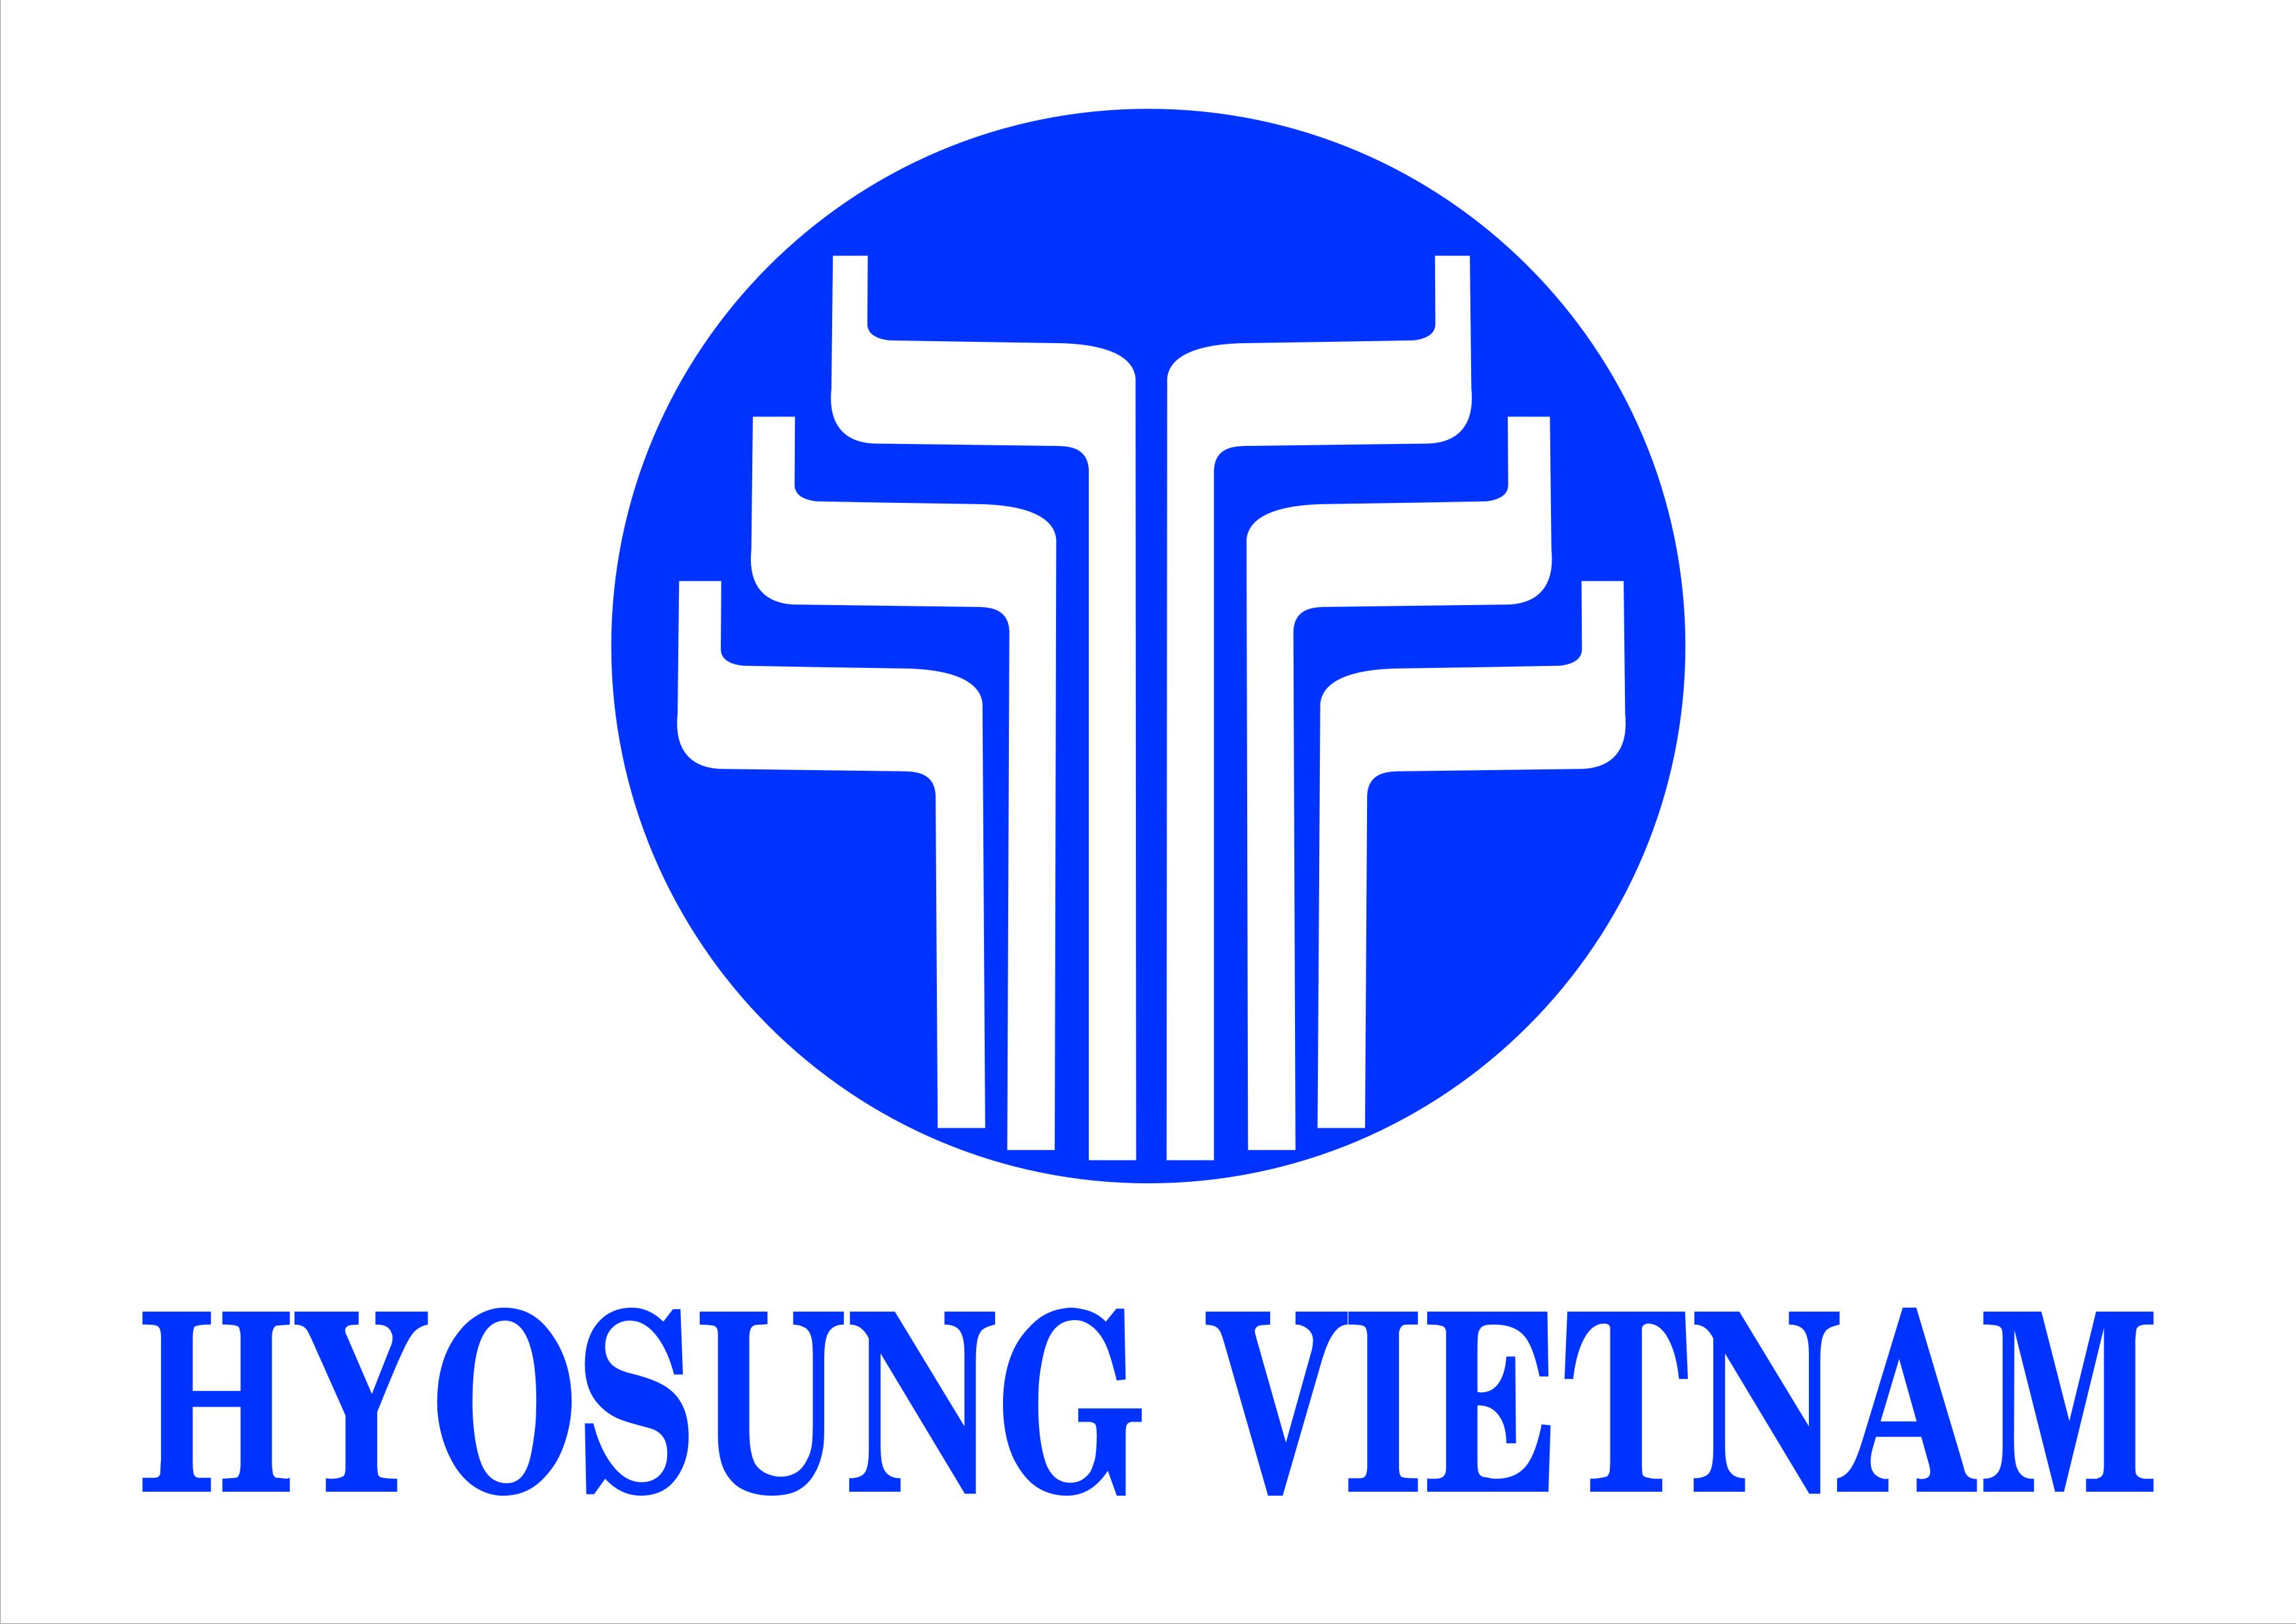 Kết quả hình ảnh cho logo hyosung